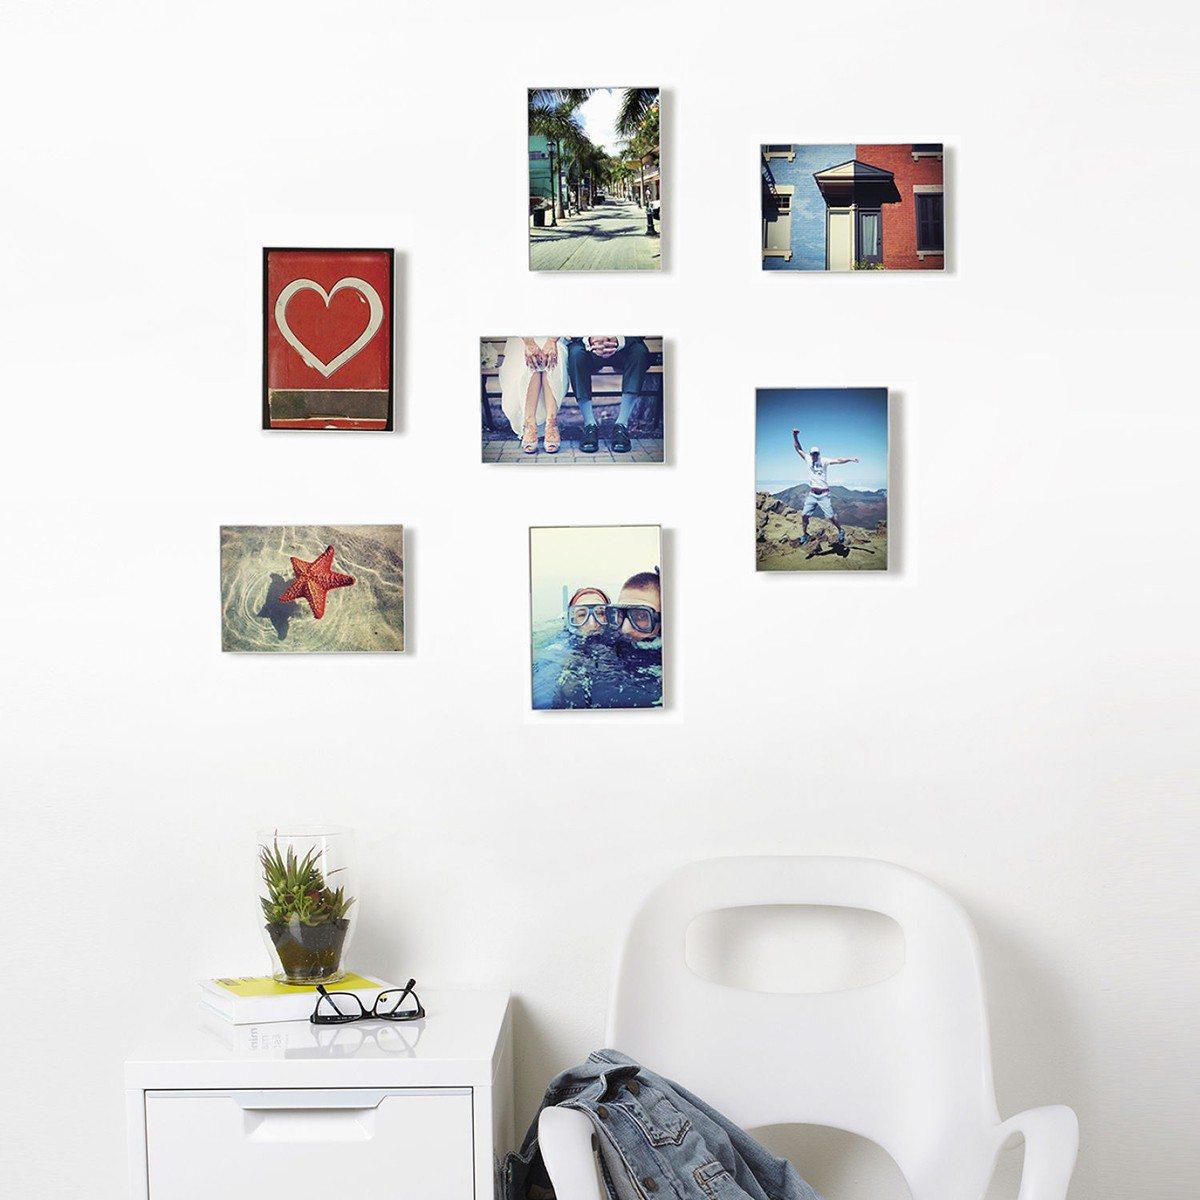 Wall Art - design letters voor je muur